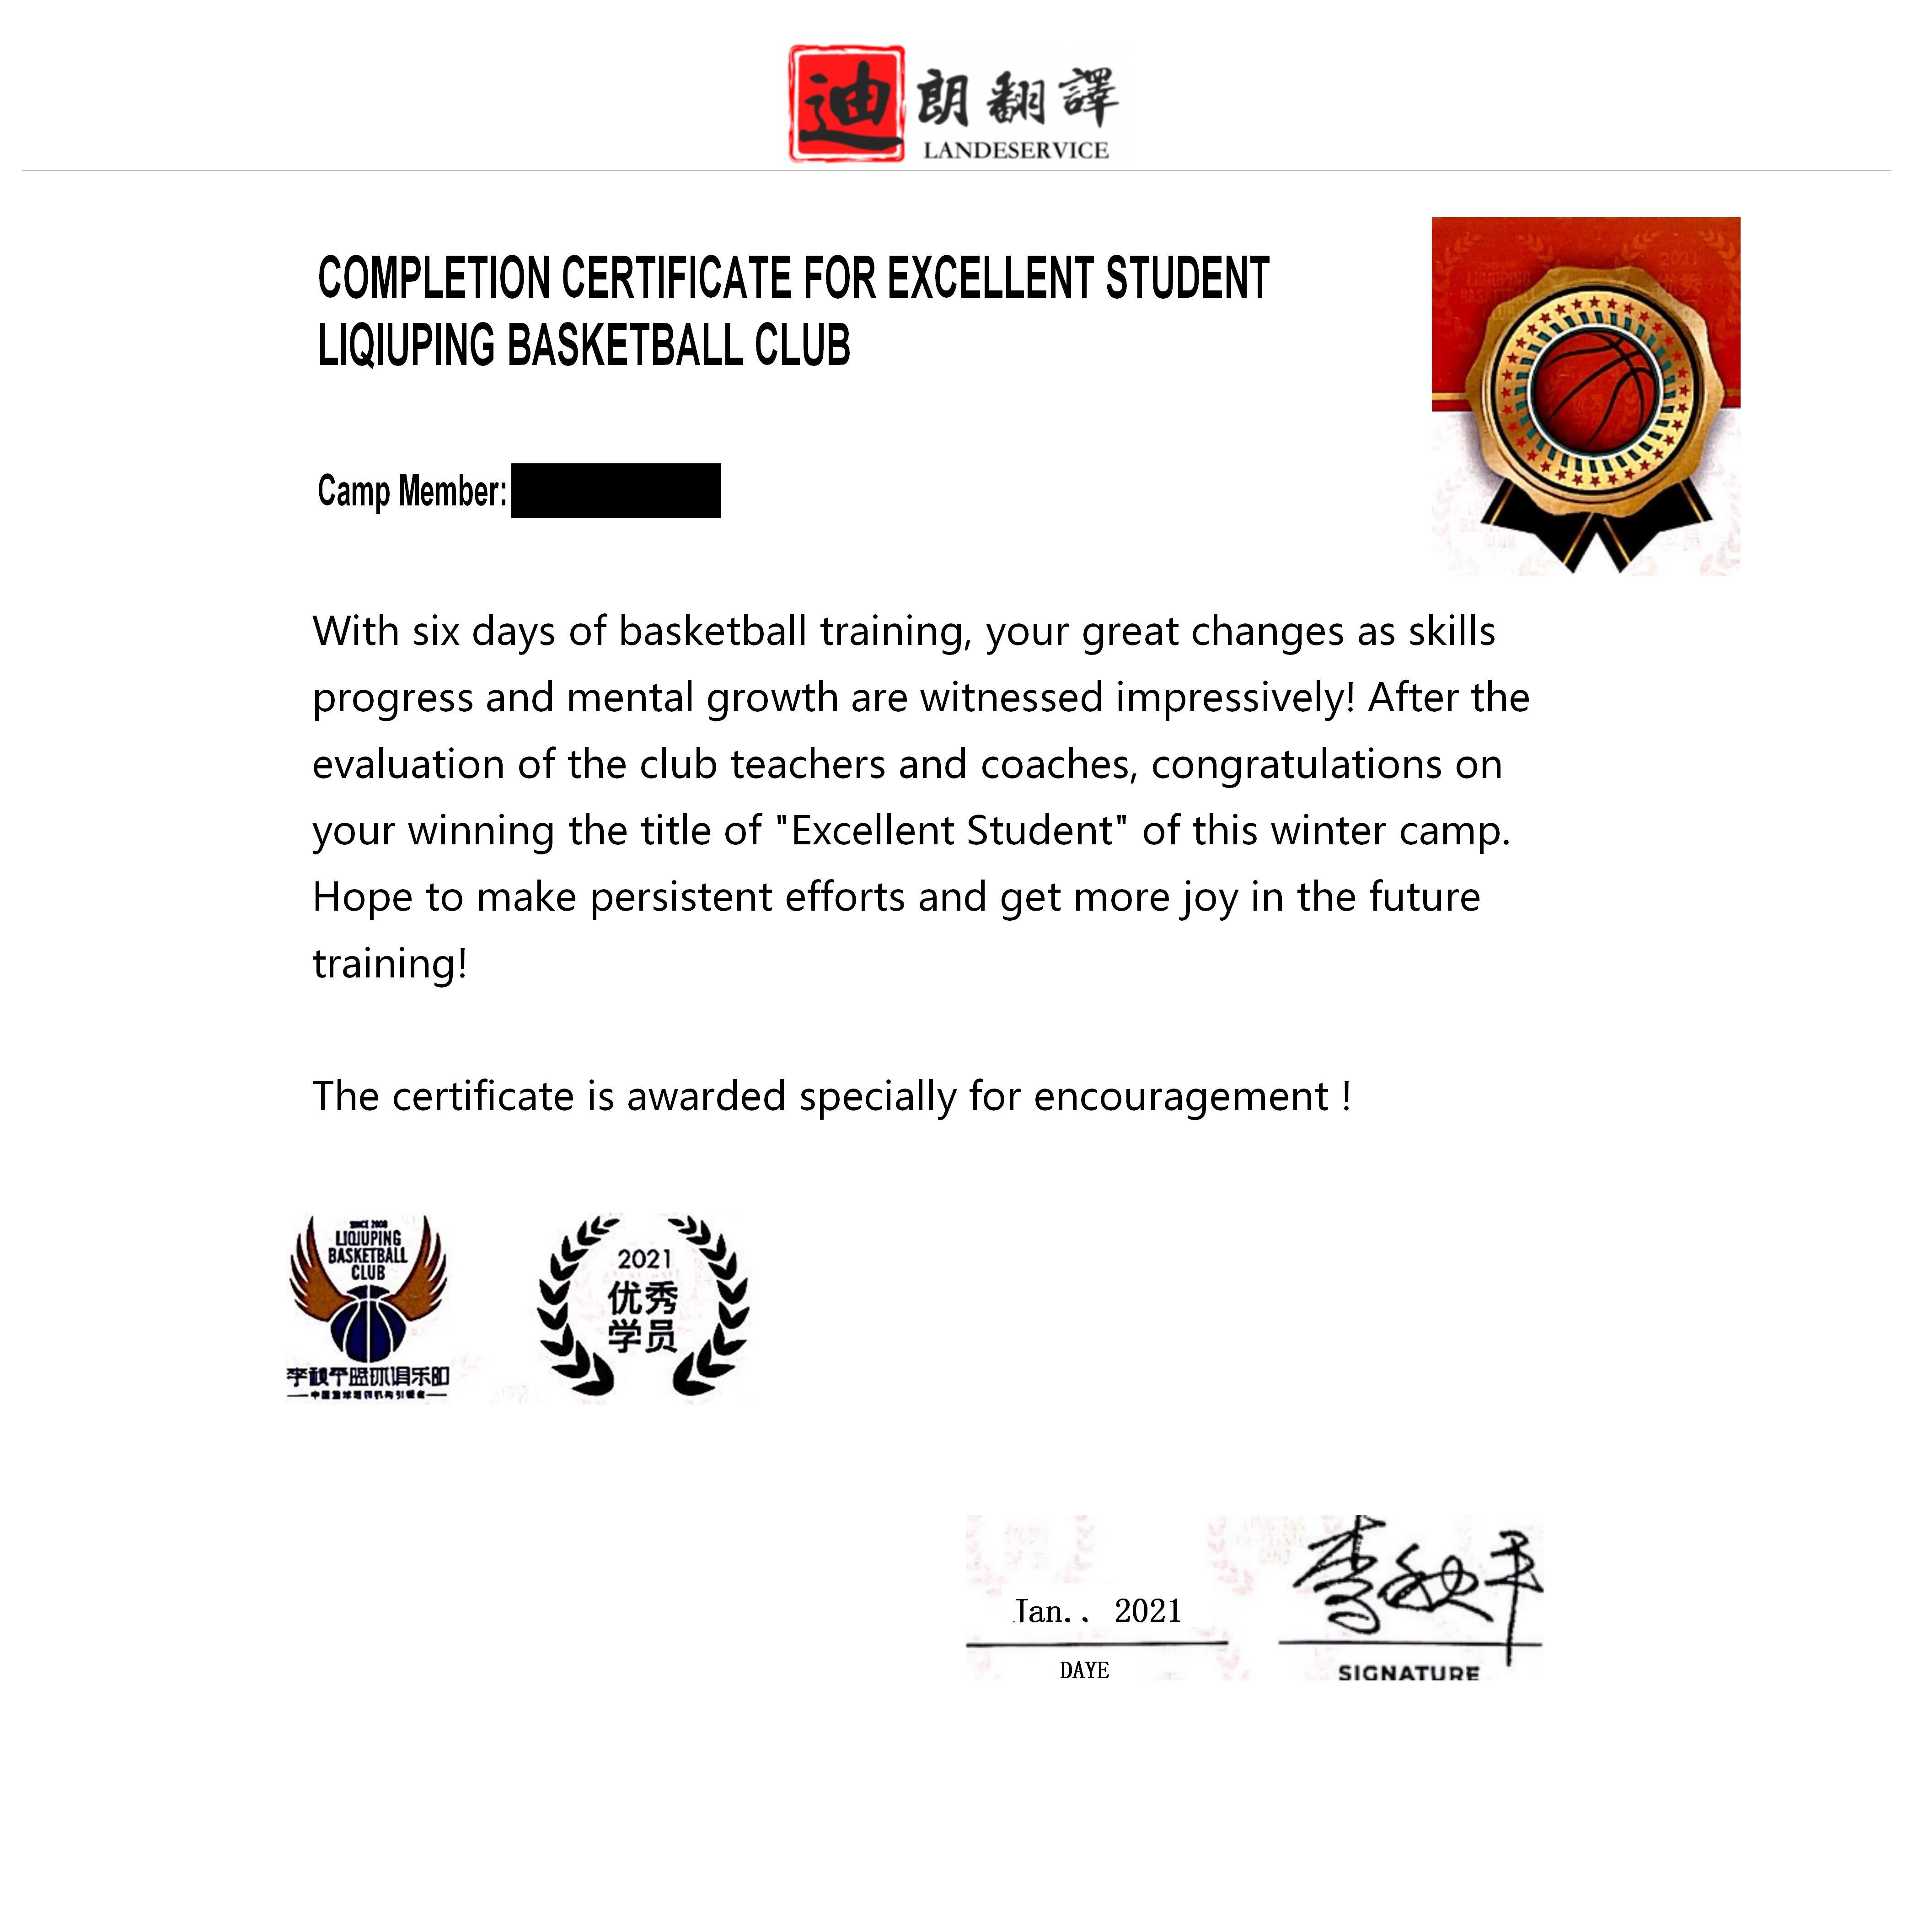 优秀学员证书 01 - 结业证书翻译认证盖章